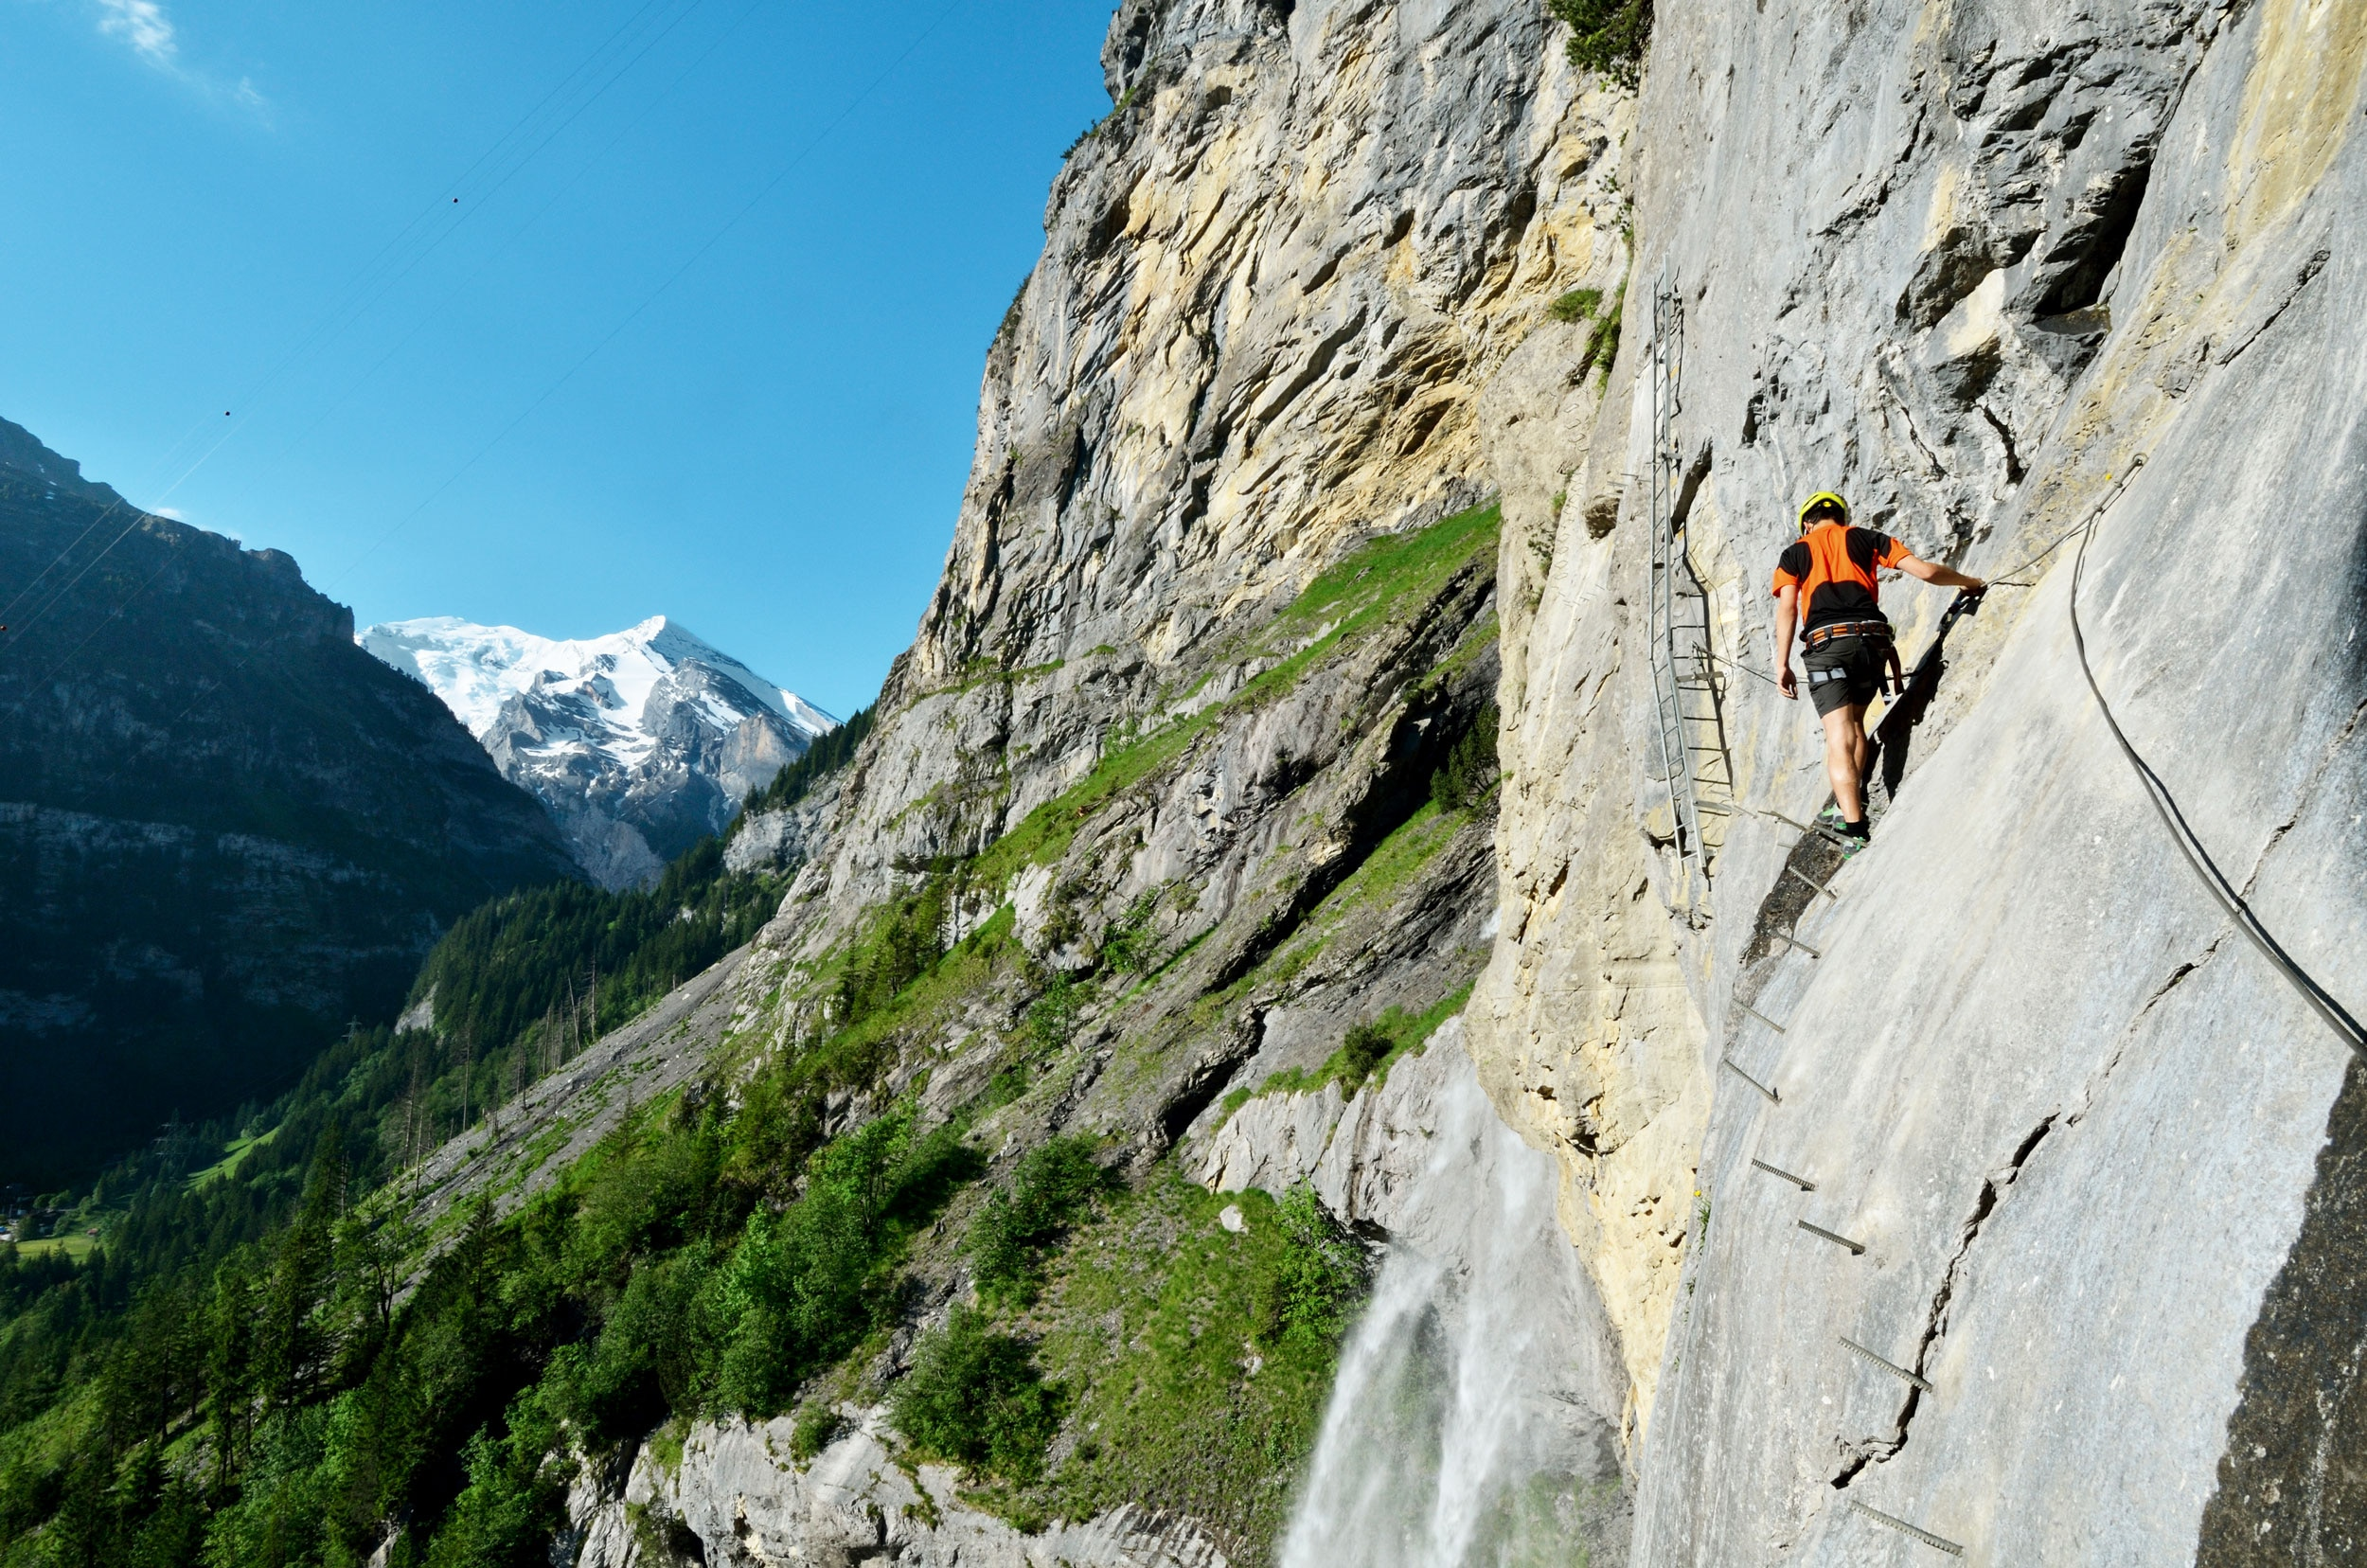 Klettersteig Wimmis : Check der allmenalp klettersteig c d bergwelten